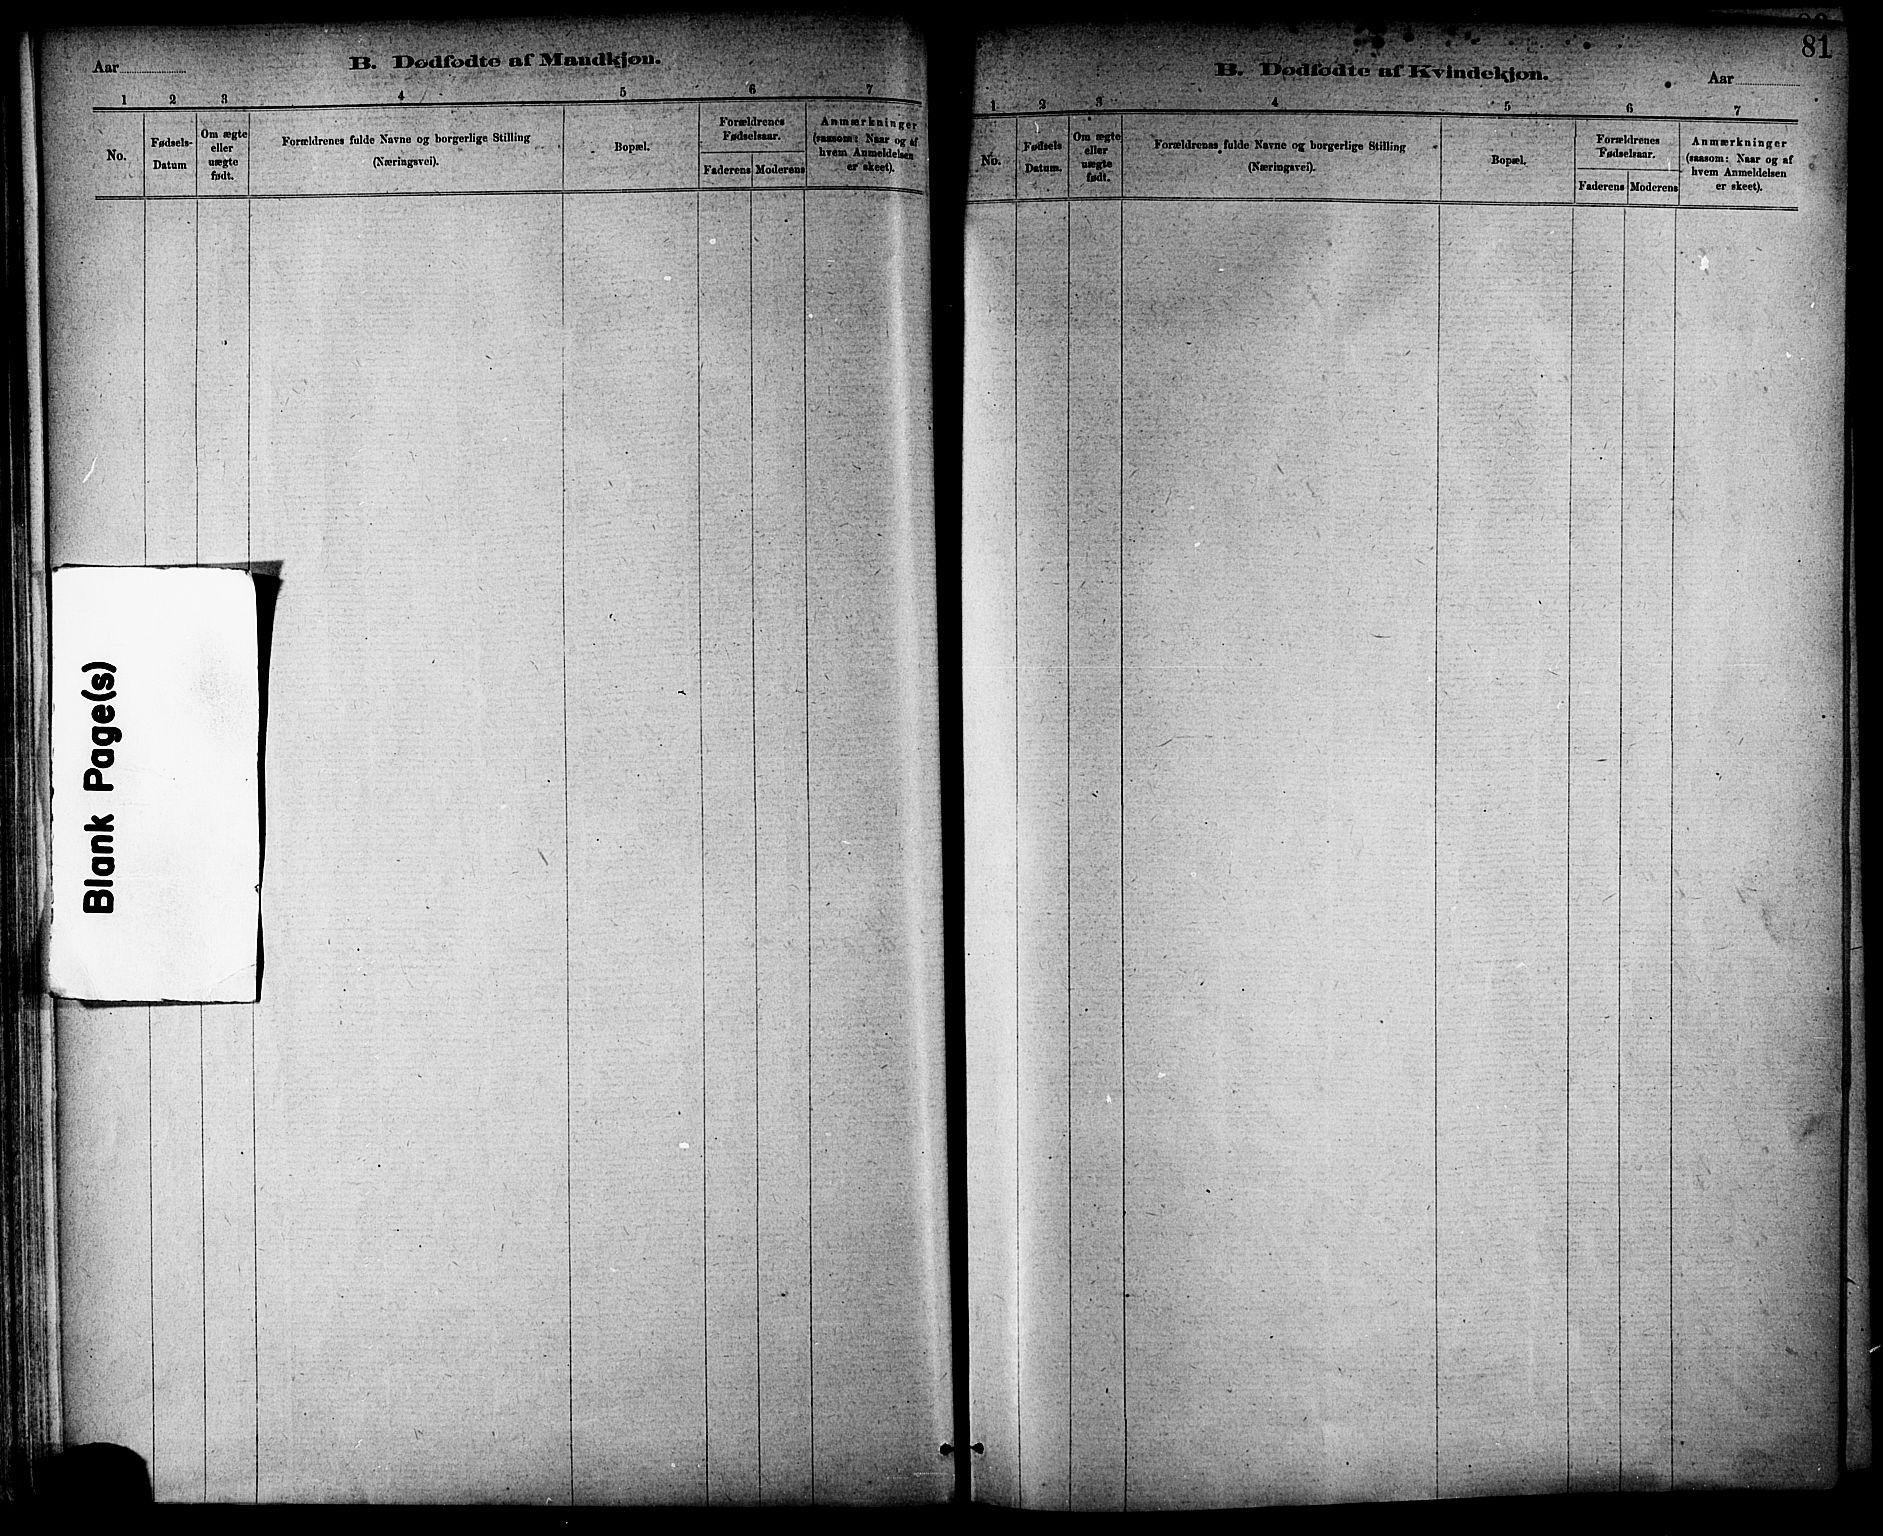 SAT, Ministerialprotokoller, klokkerbøker og fødselsregistre - Nord-Trøndelag, 703/L0030: Parish register (official) no. 703A03, 1880-1892, p. 81